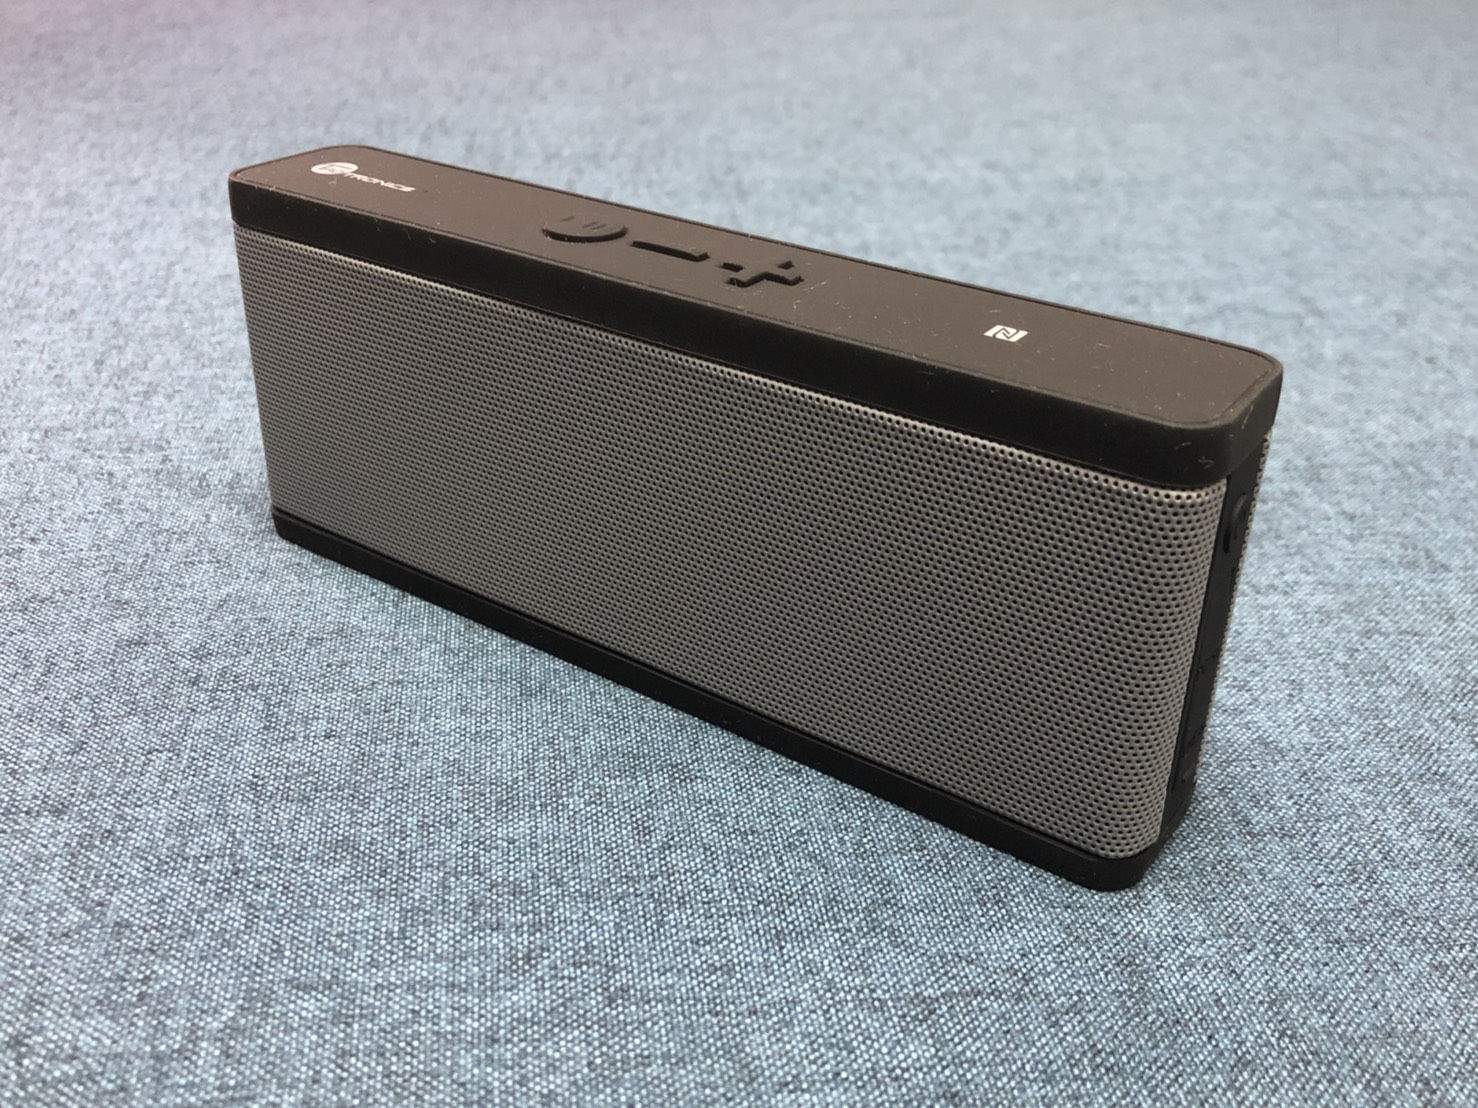 TaoTronics TT-SK09防水藍芽喇叭推薦 - 喇叭外型